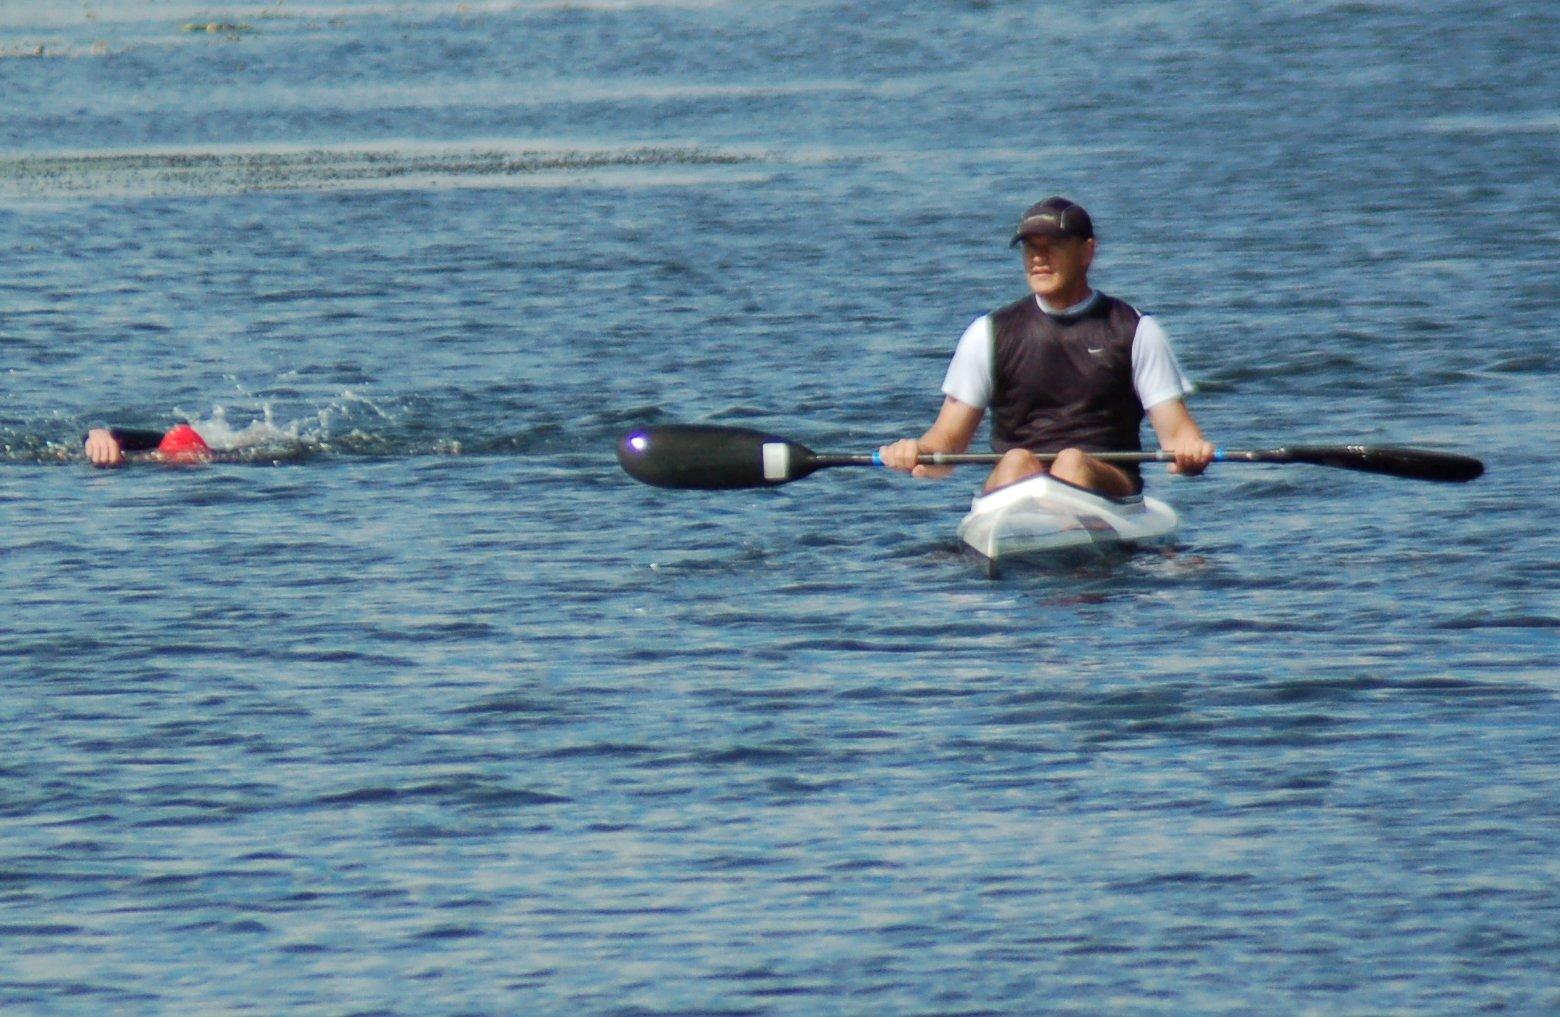 The Kayak by Debbie Spring